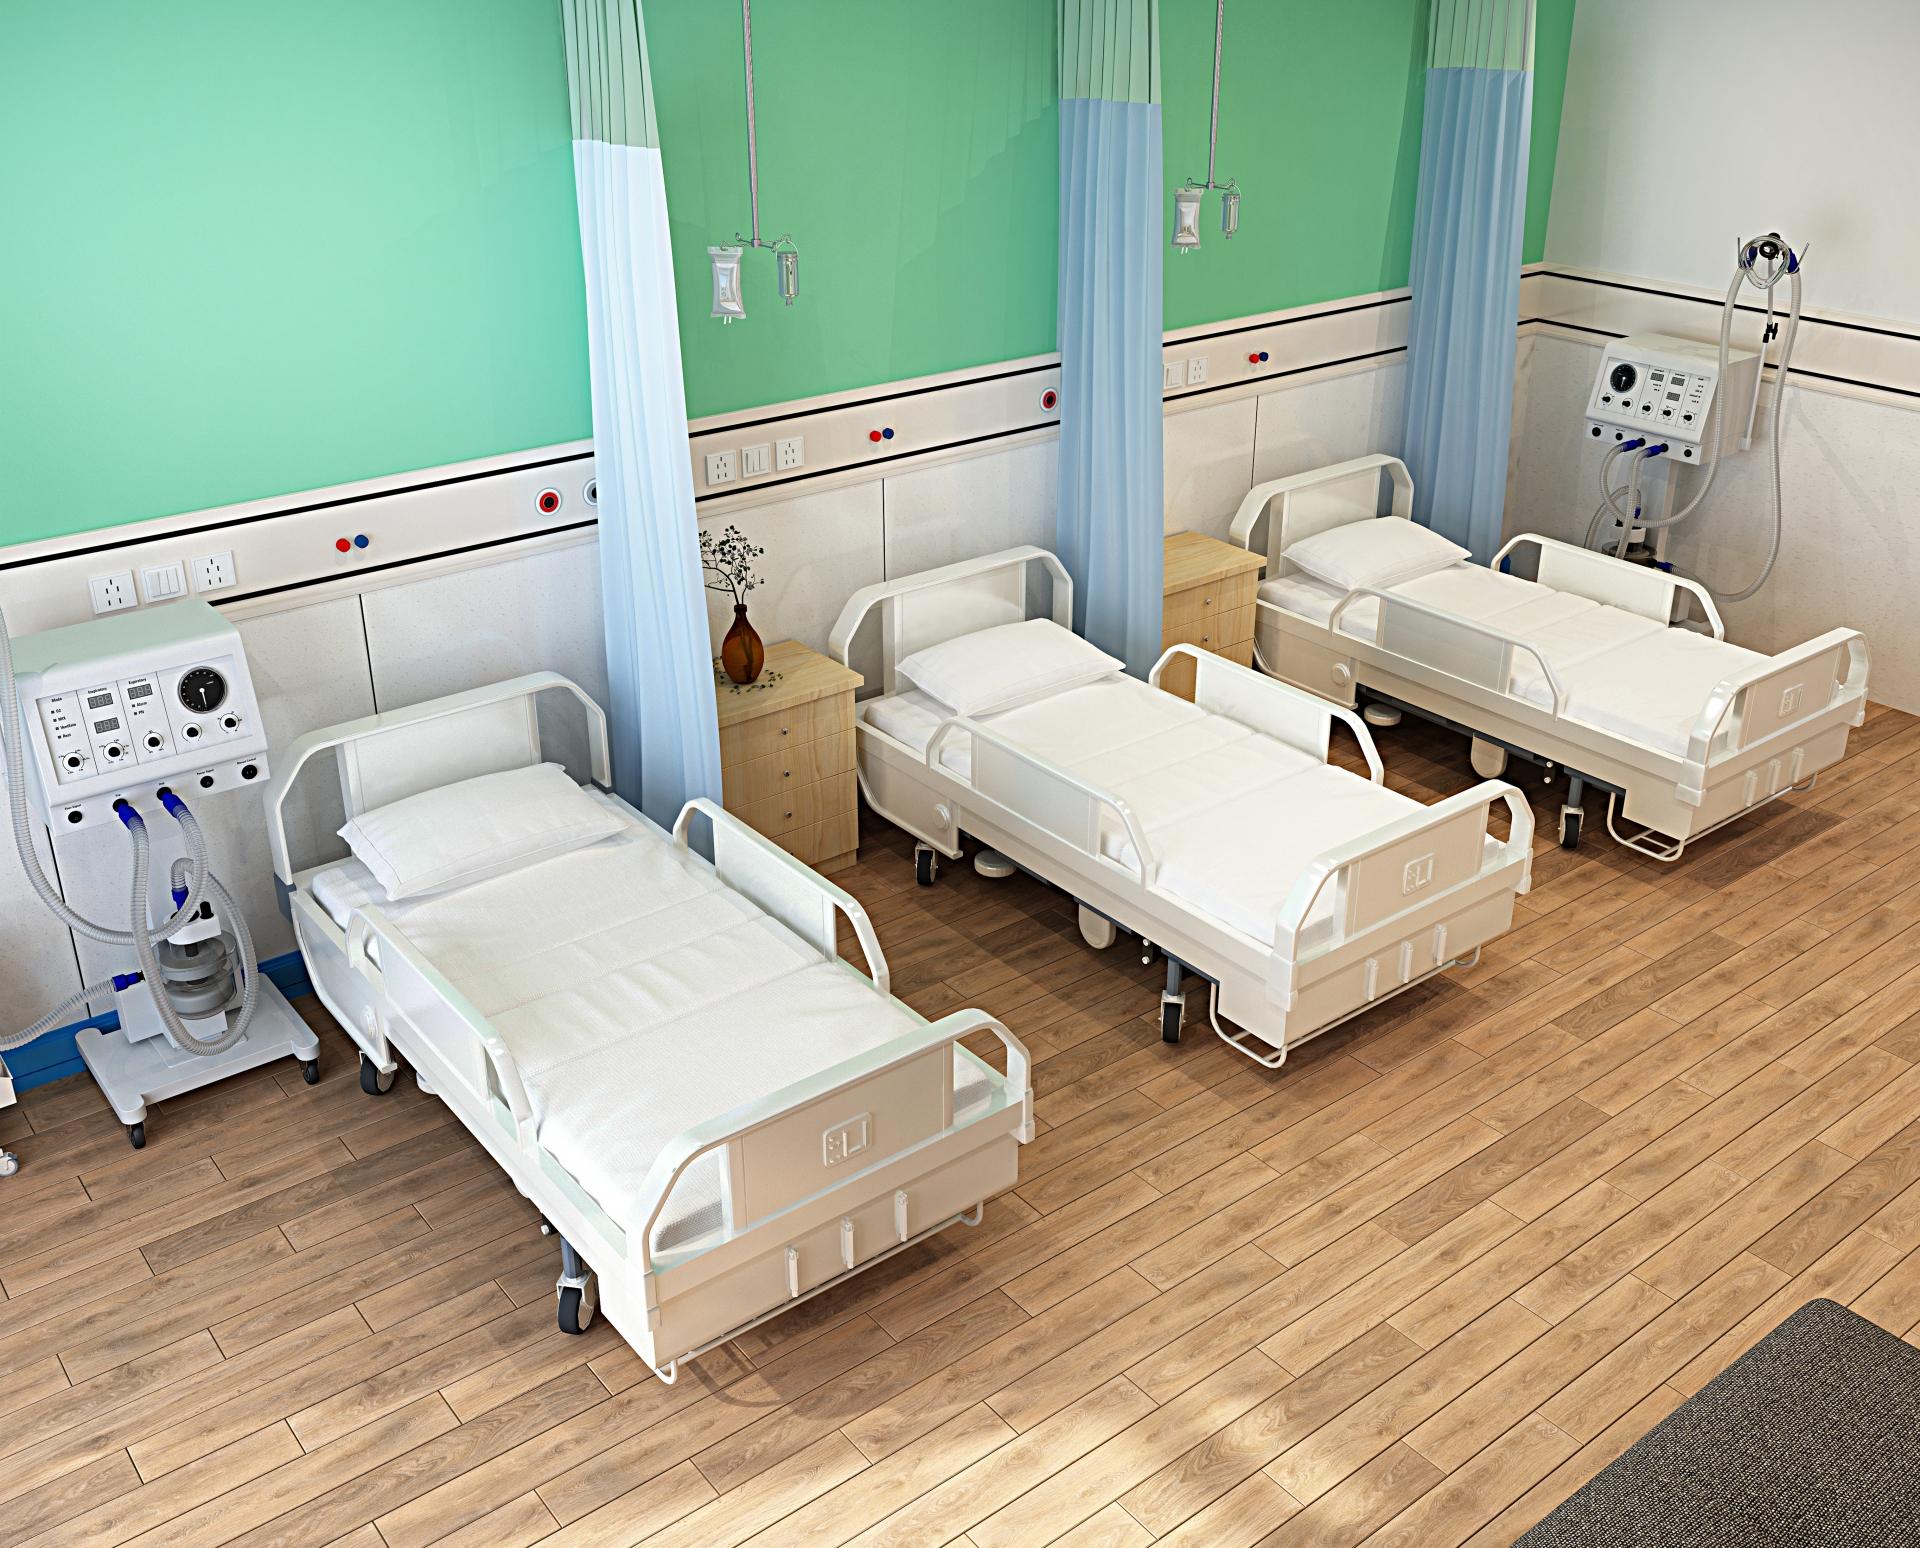 いつも求人を出している病院